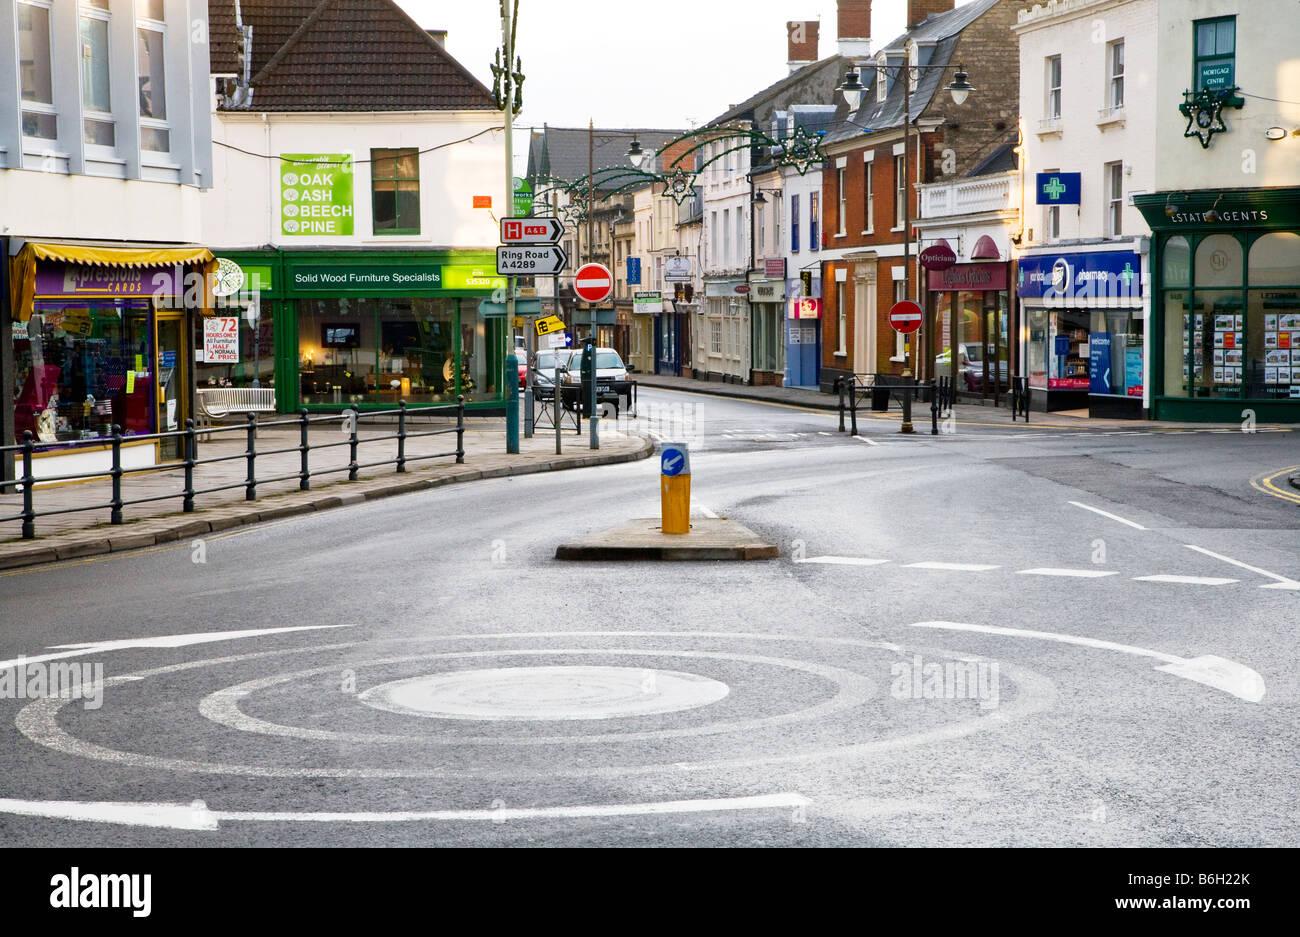 Rencontres Swindon Wiltshire